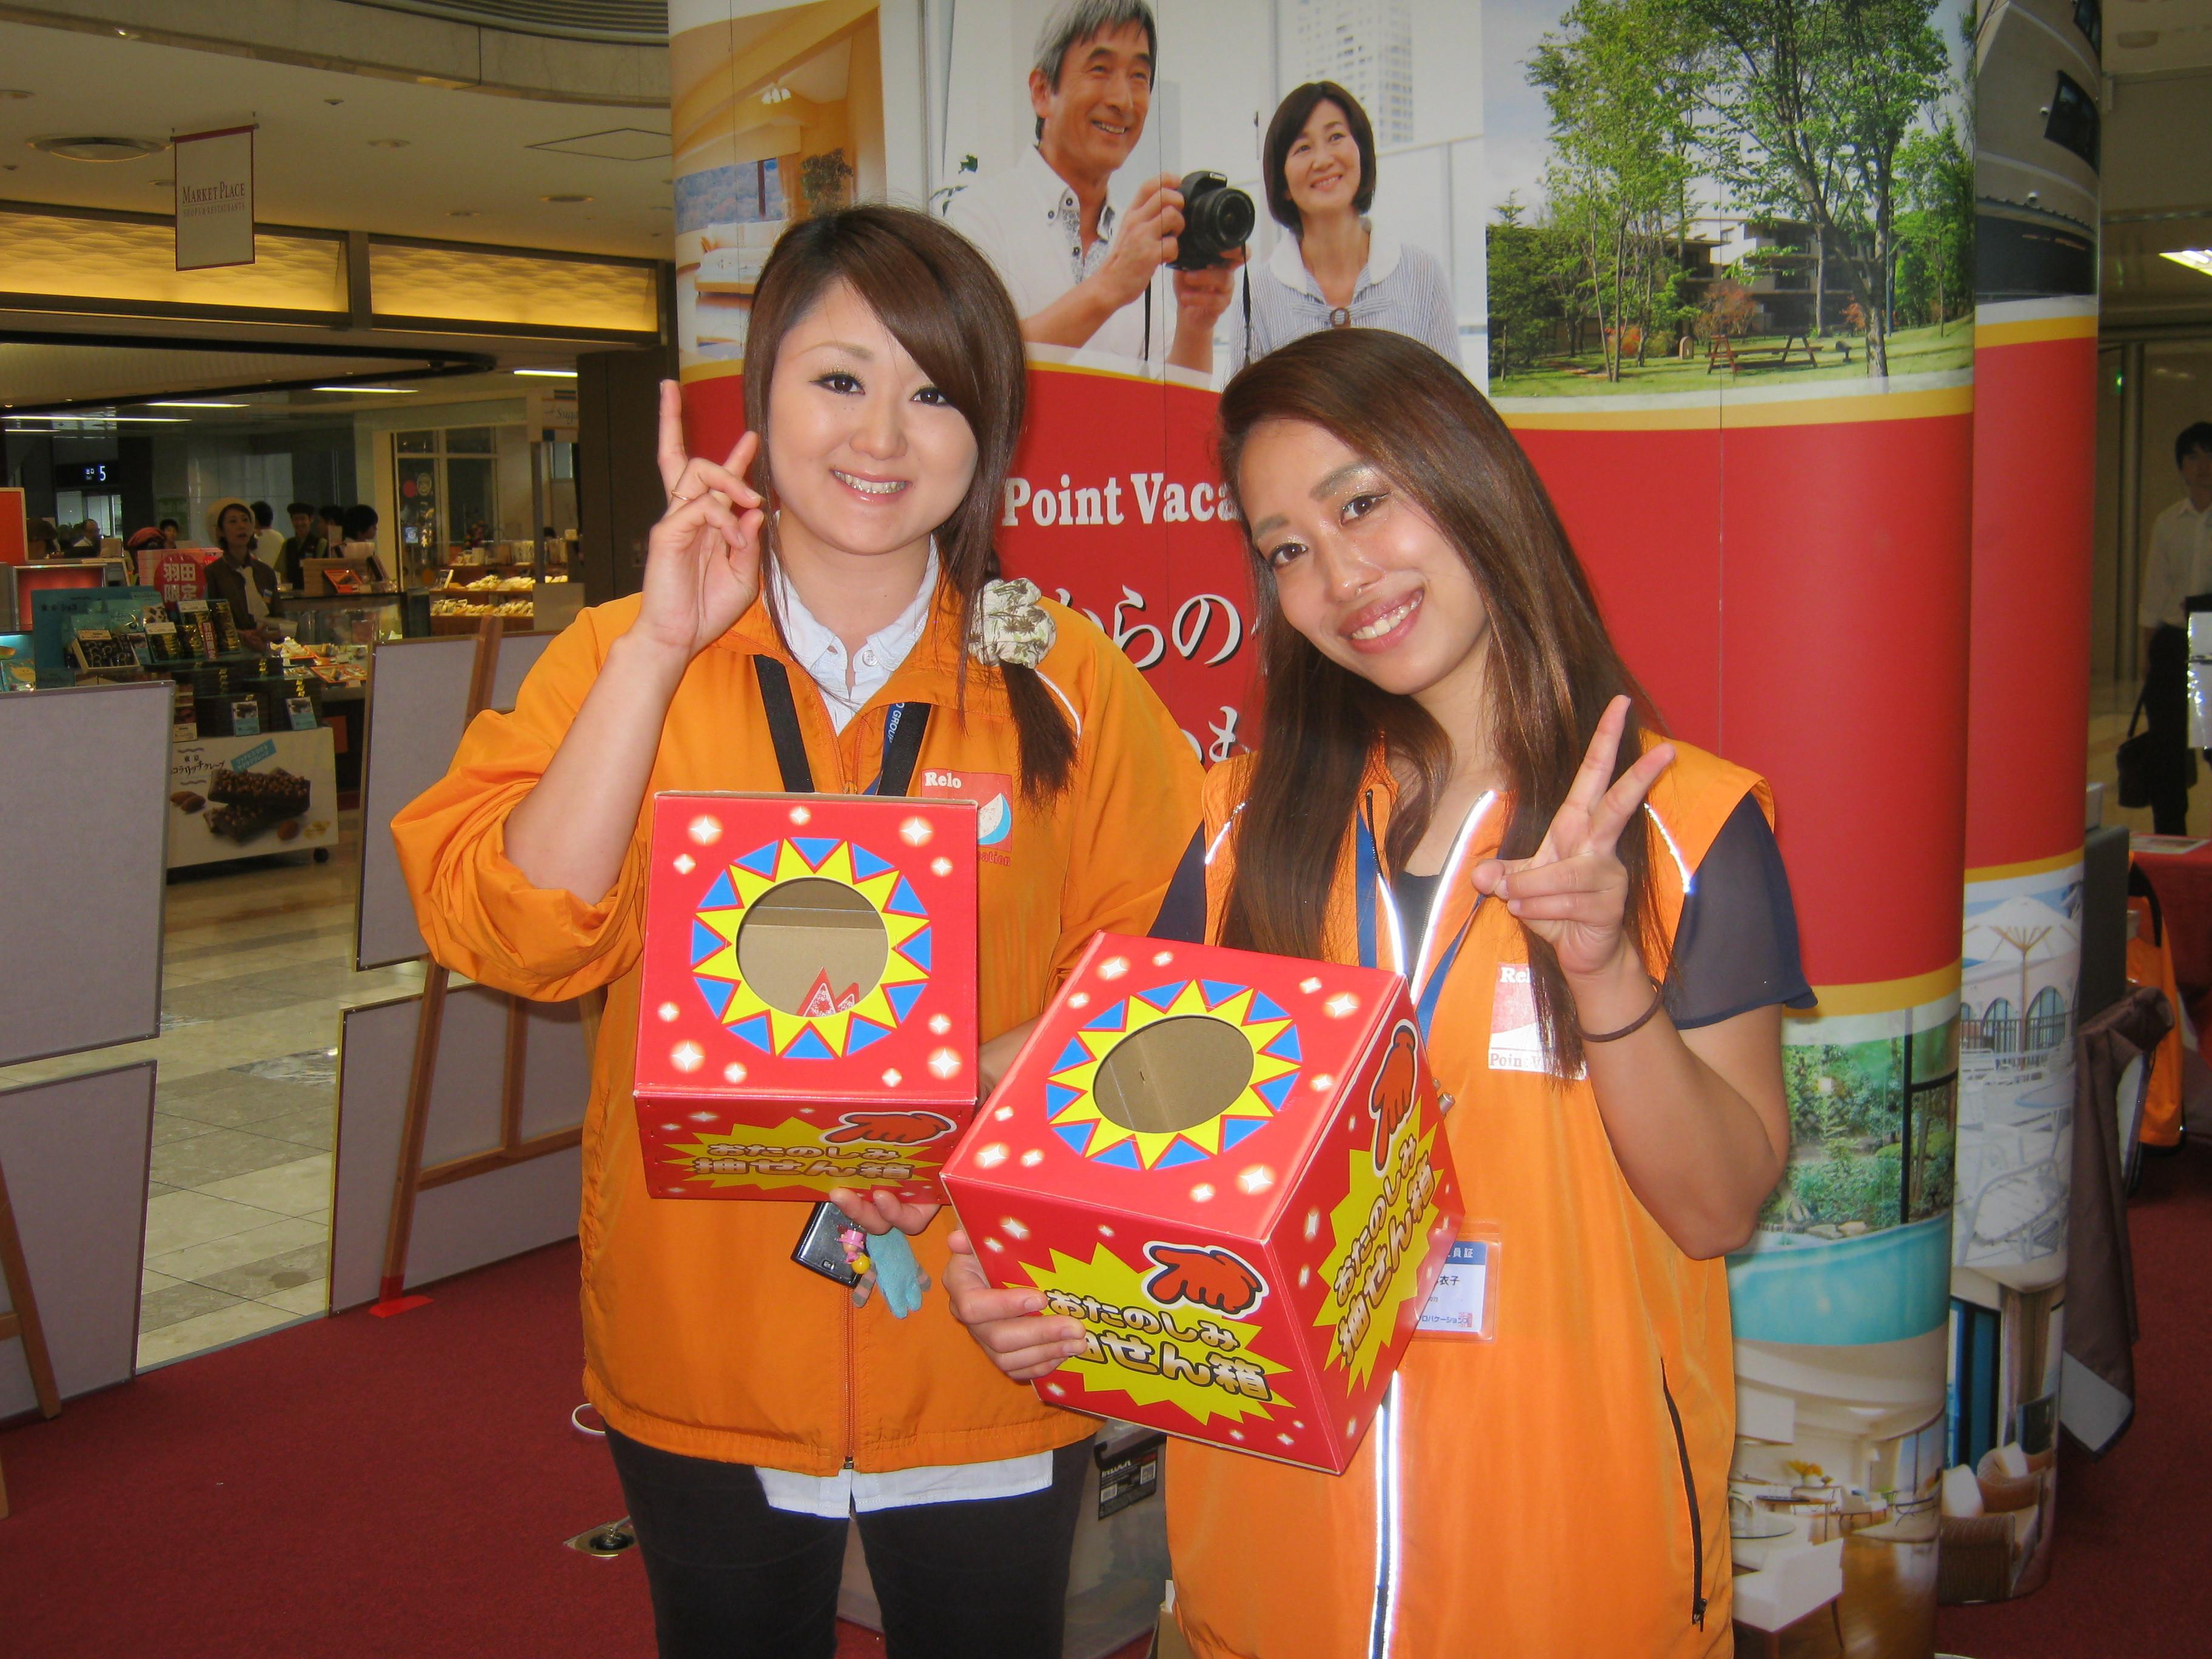 株式会社リロバケーションズ イベントキャンペーンスタッフ関西のアルバイト情報